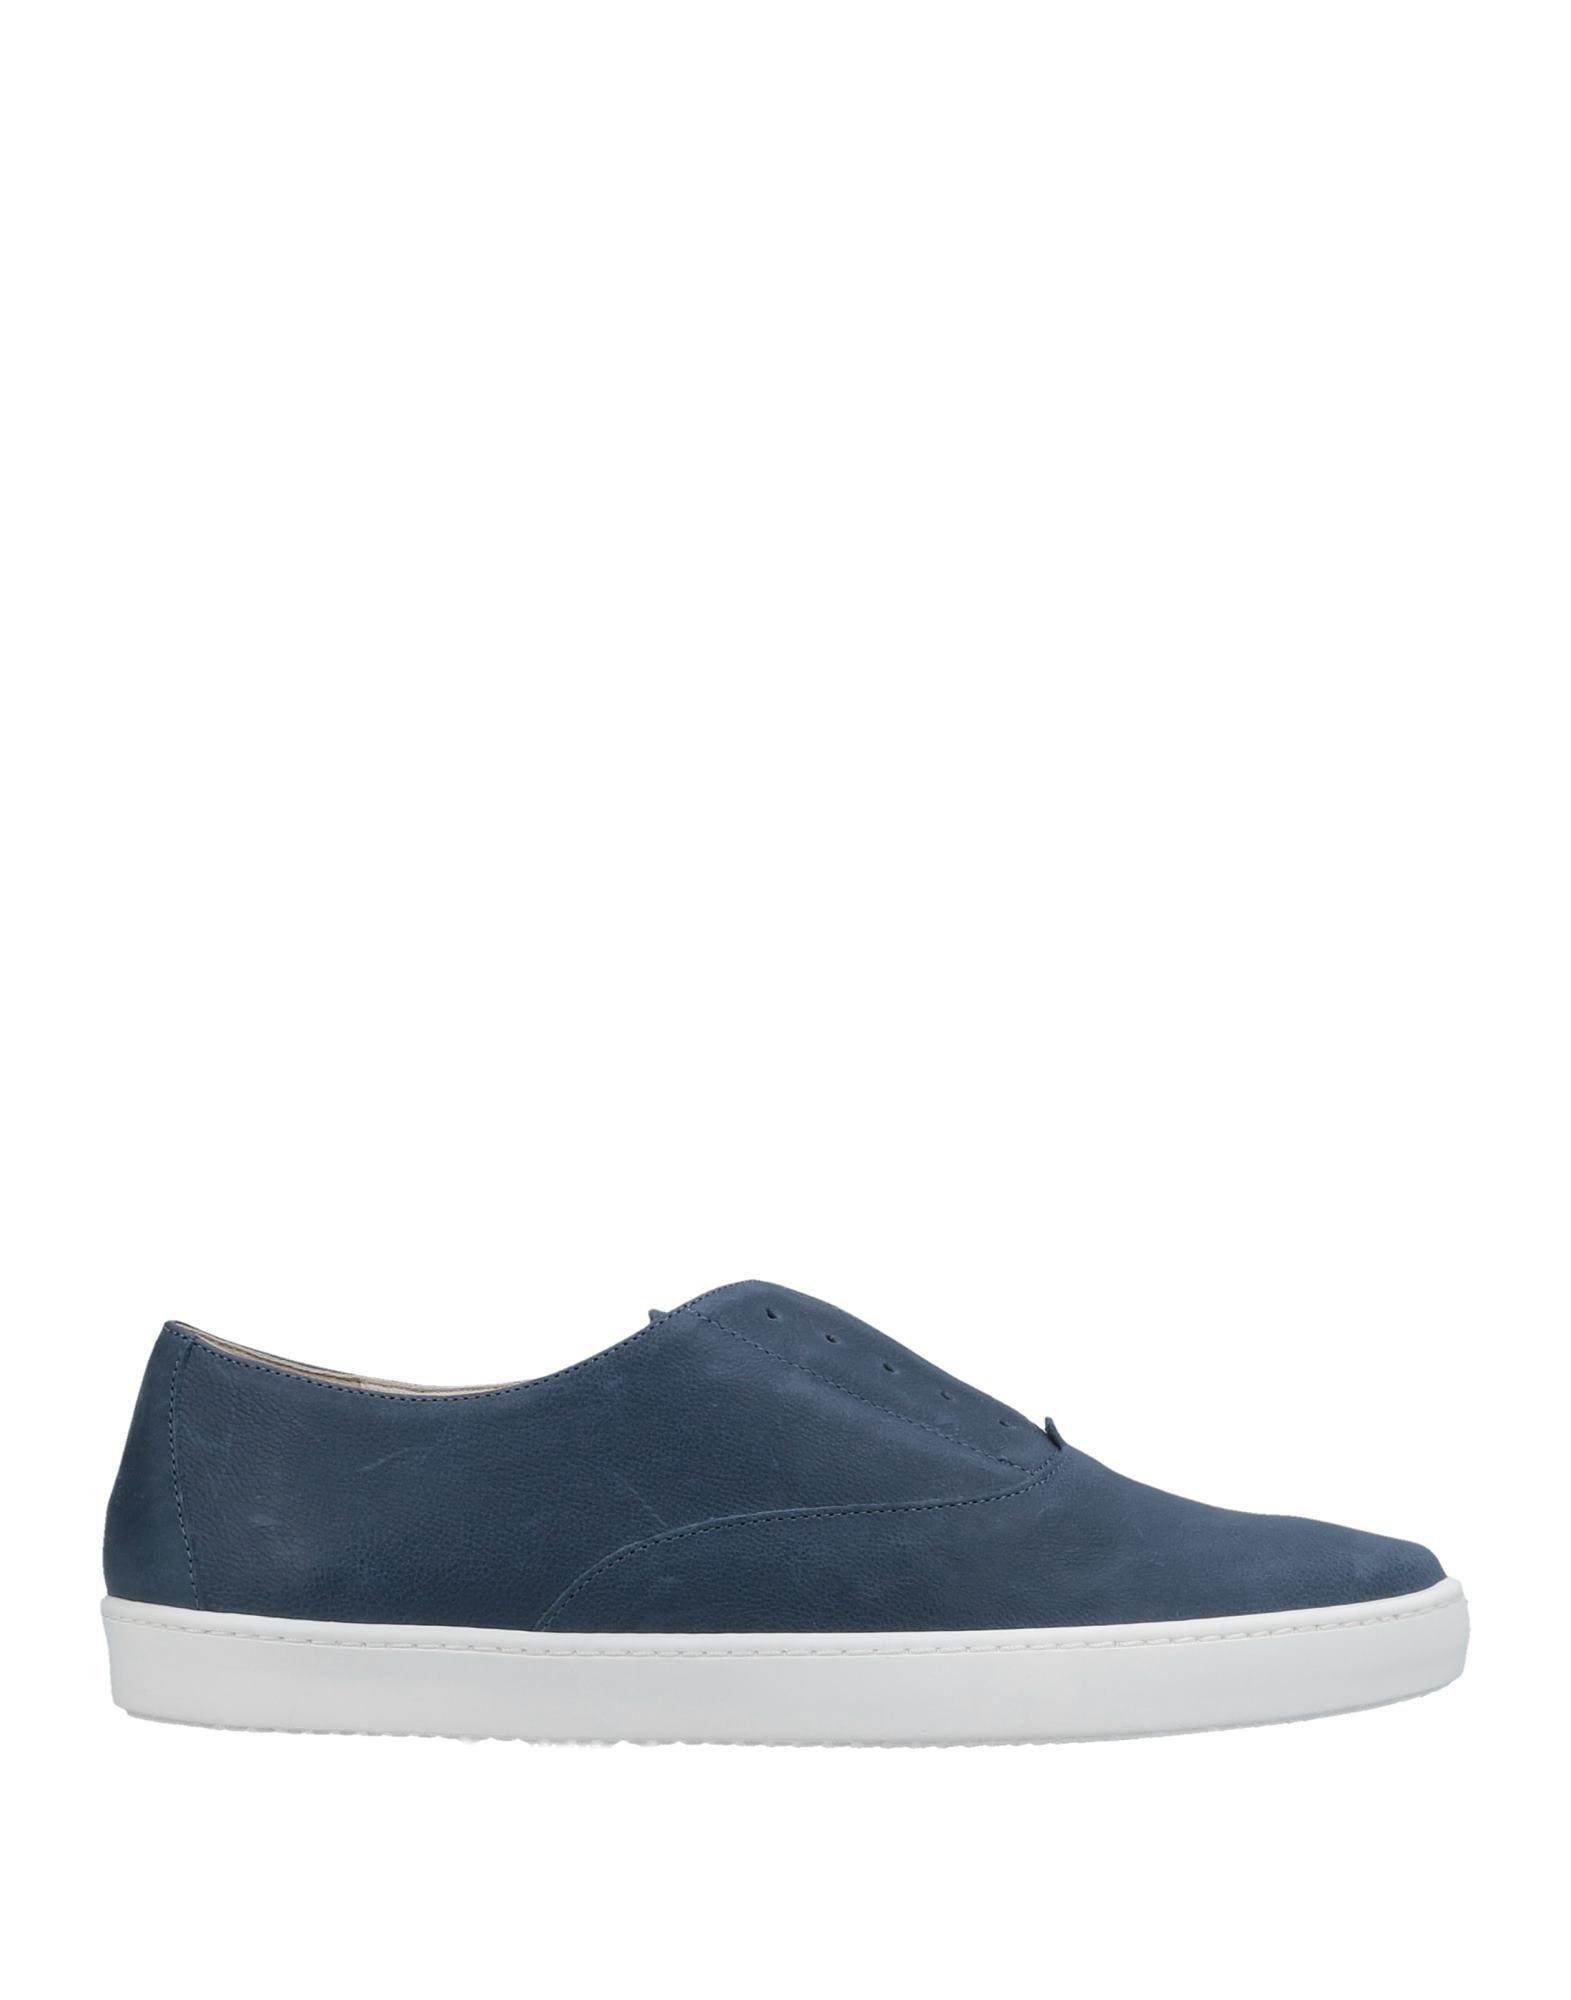 Sneakers Fabio Rusconi Donna - 11511735FD